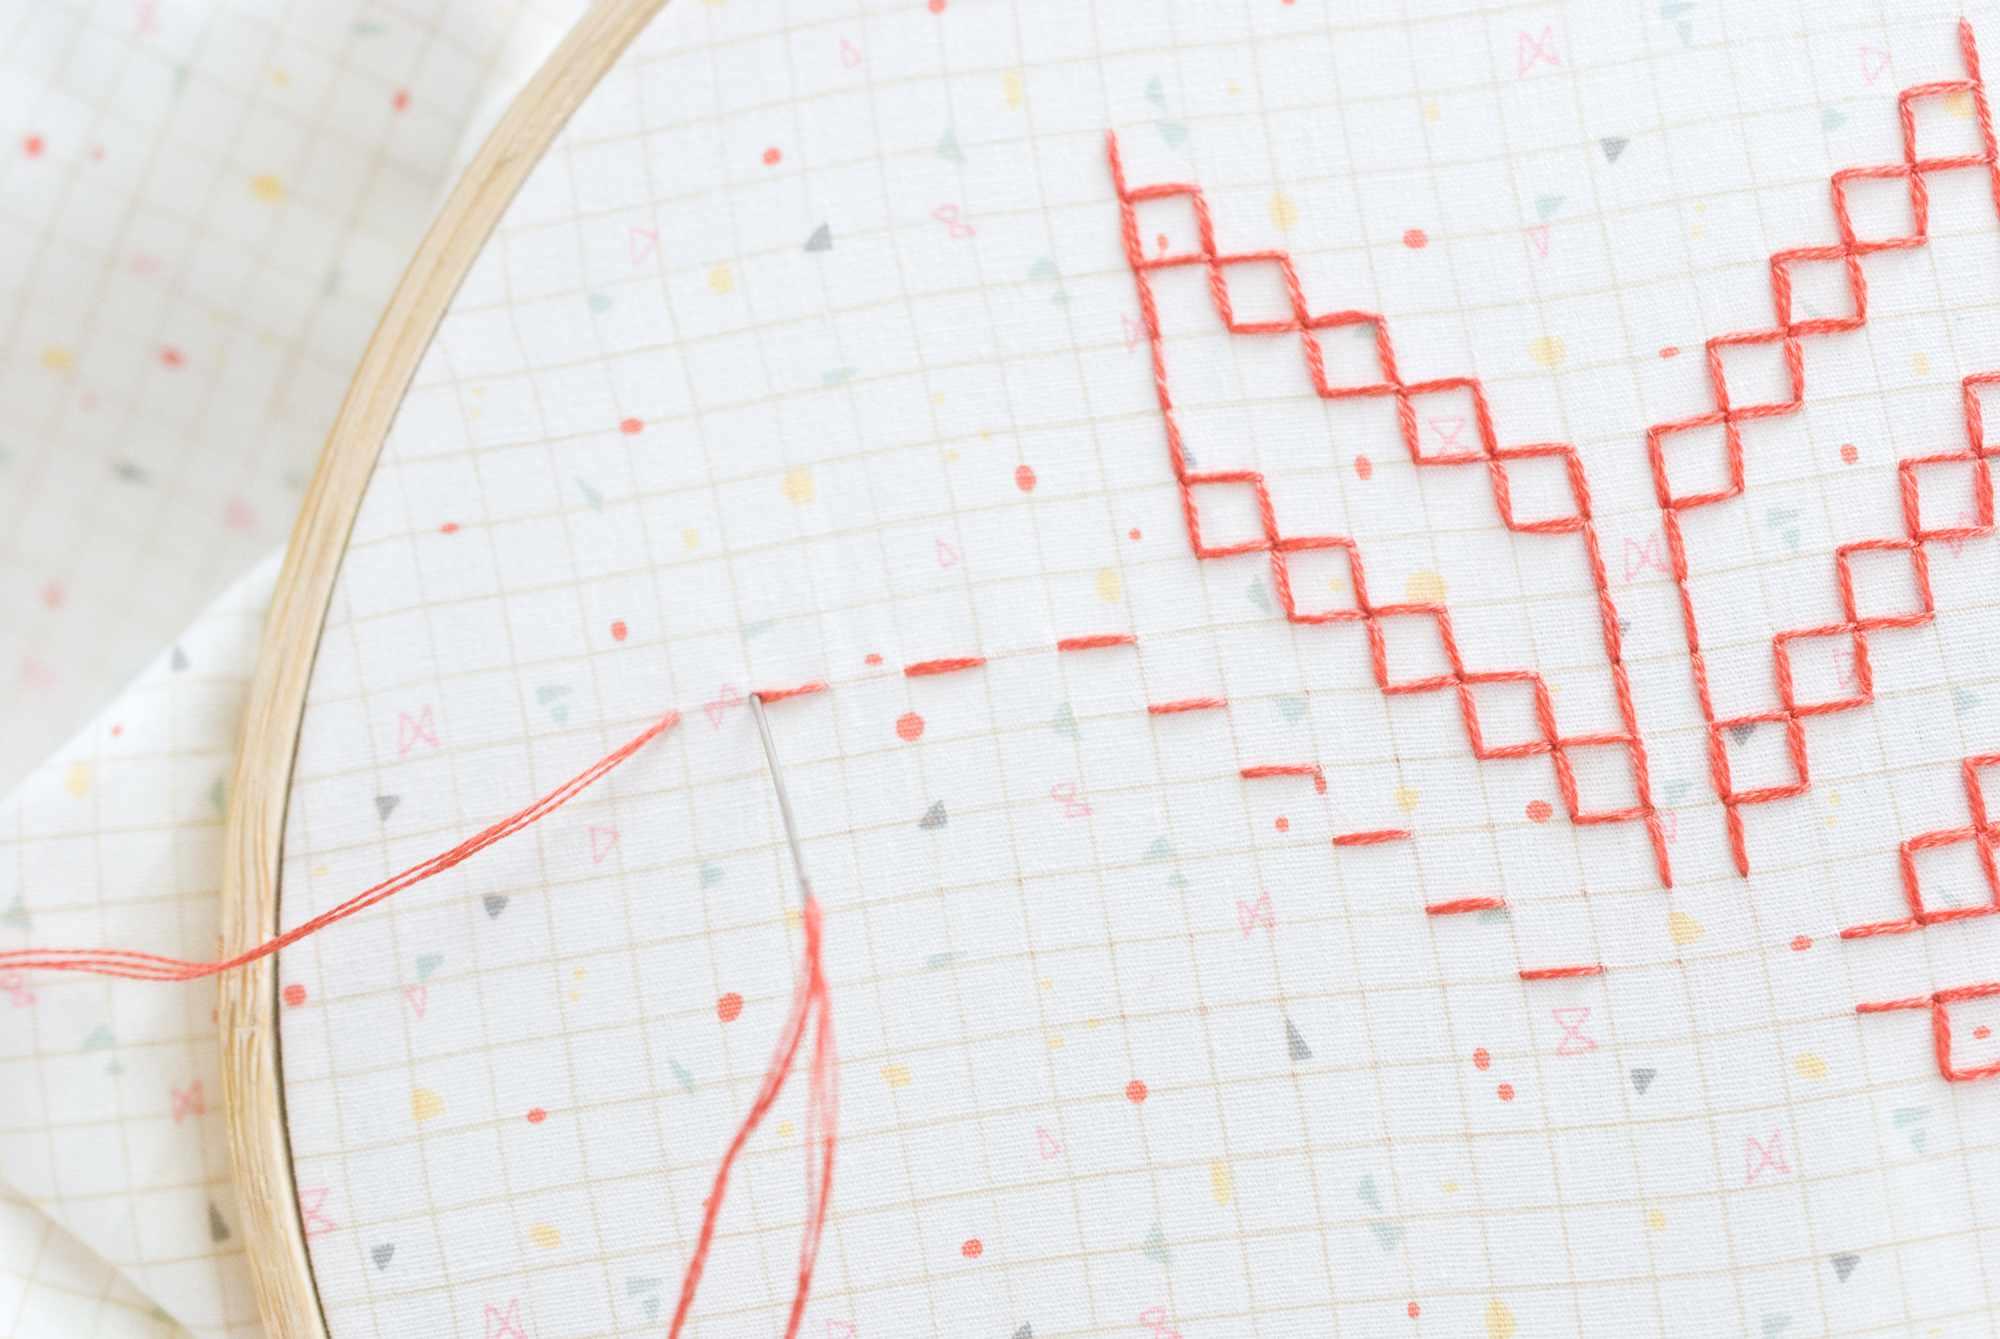 Gavnti and Murgi Stitches in Kasuti Embroidery